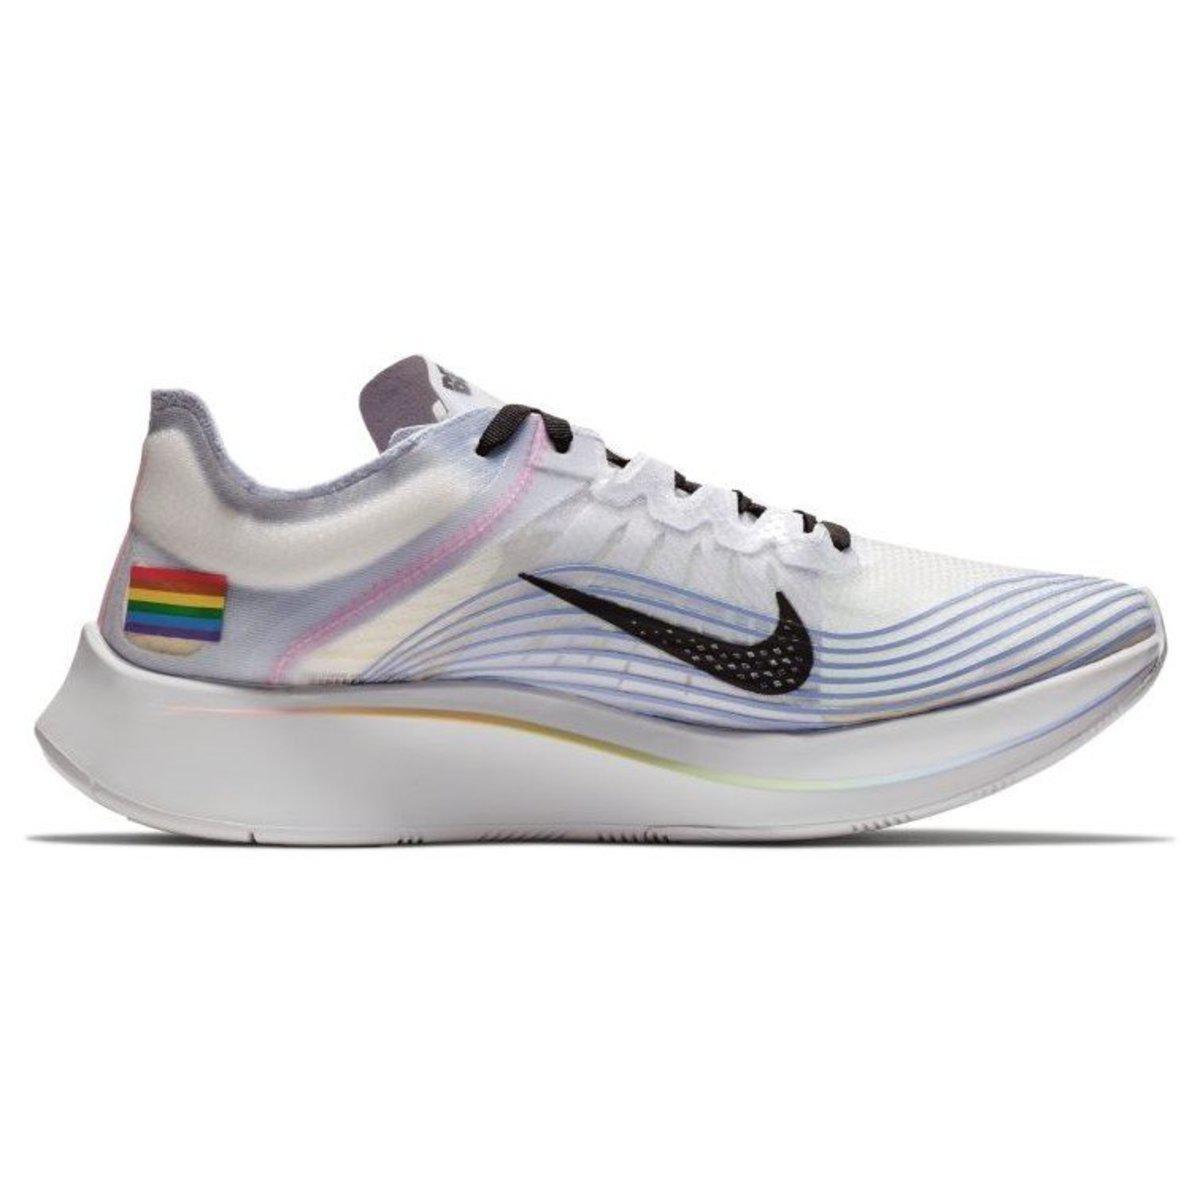 878fec3d5987 Lyst - Nike Zoom Fly Be True